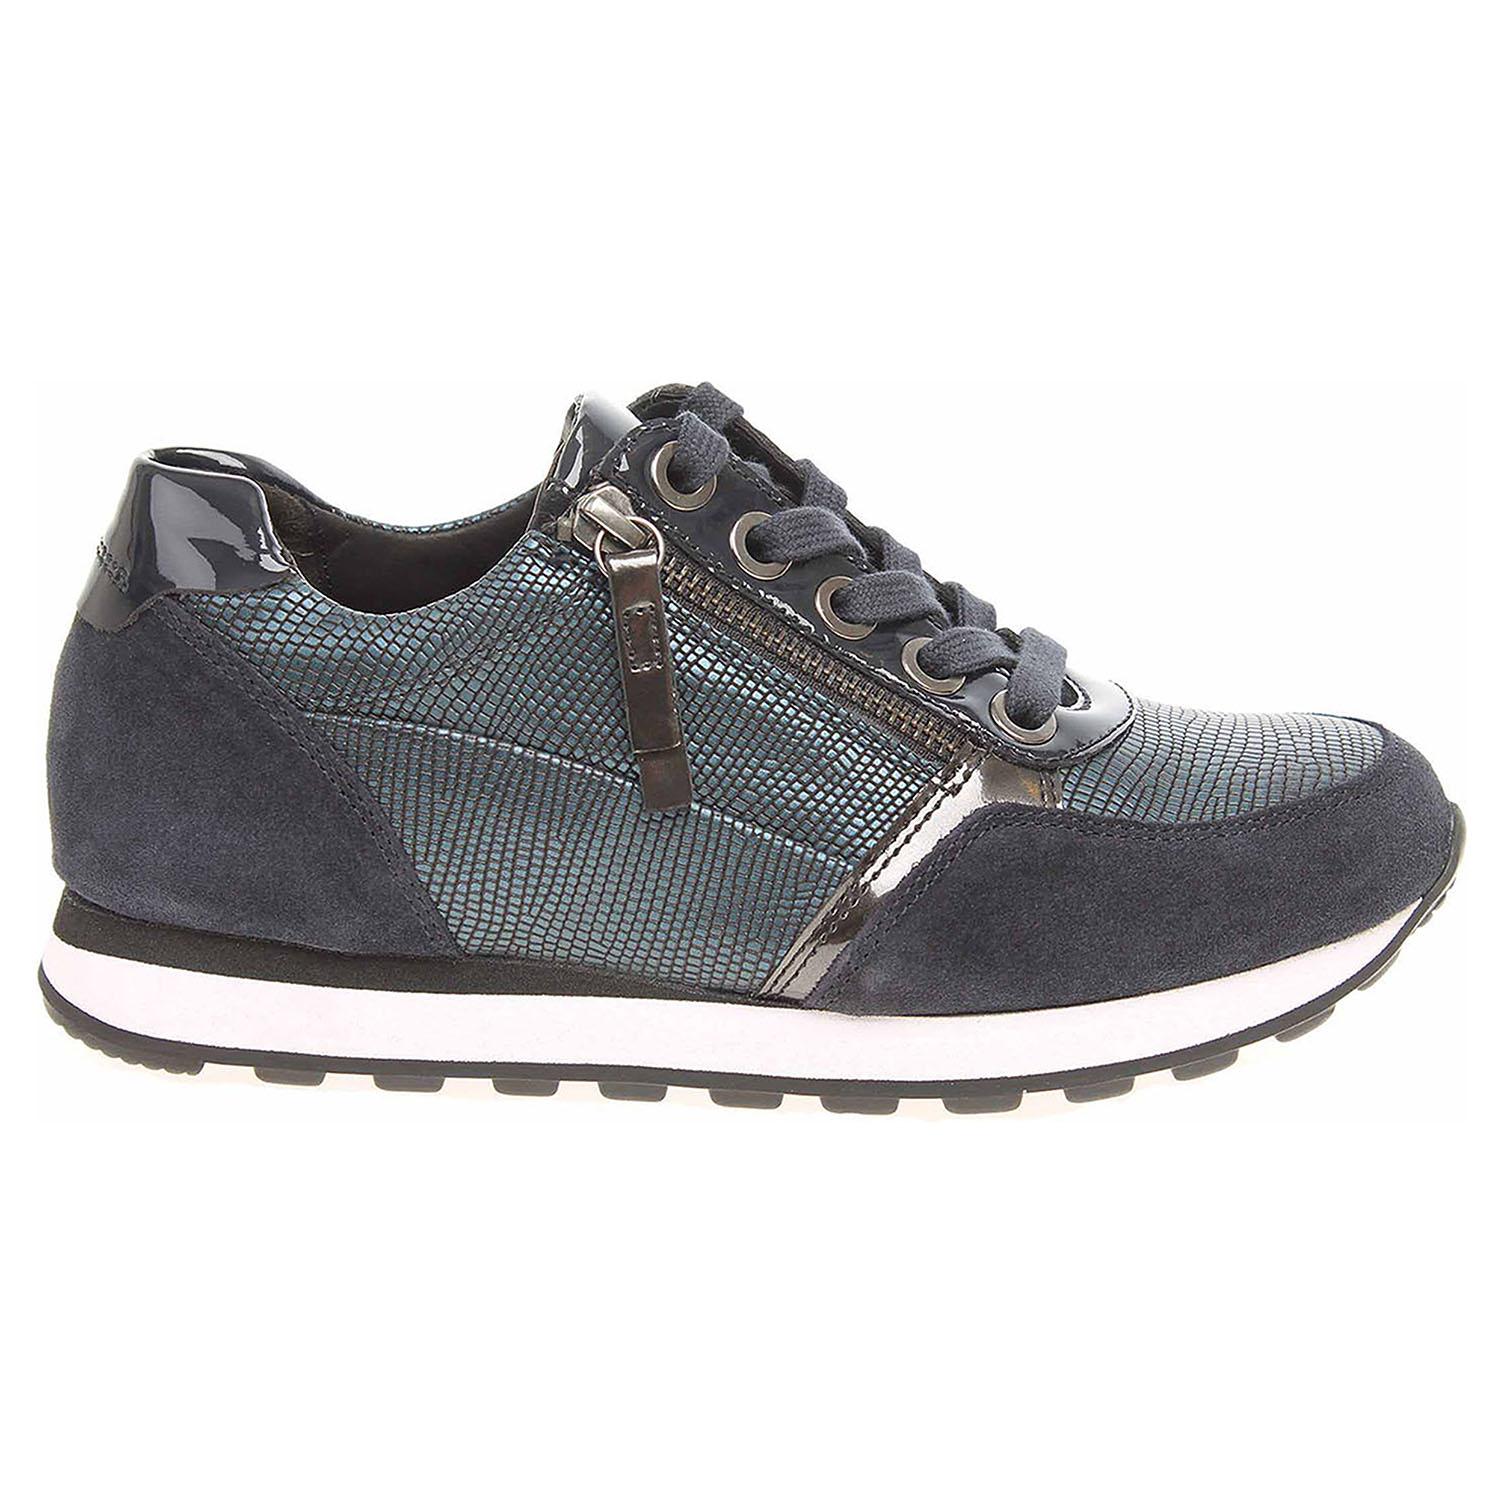 Gabor dámská obuv 76.335.36 modrá 76.335.36 38